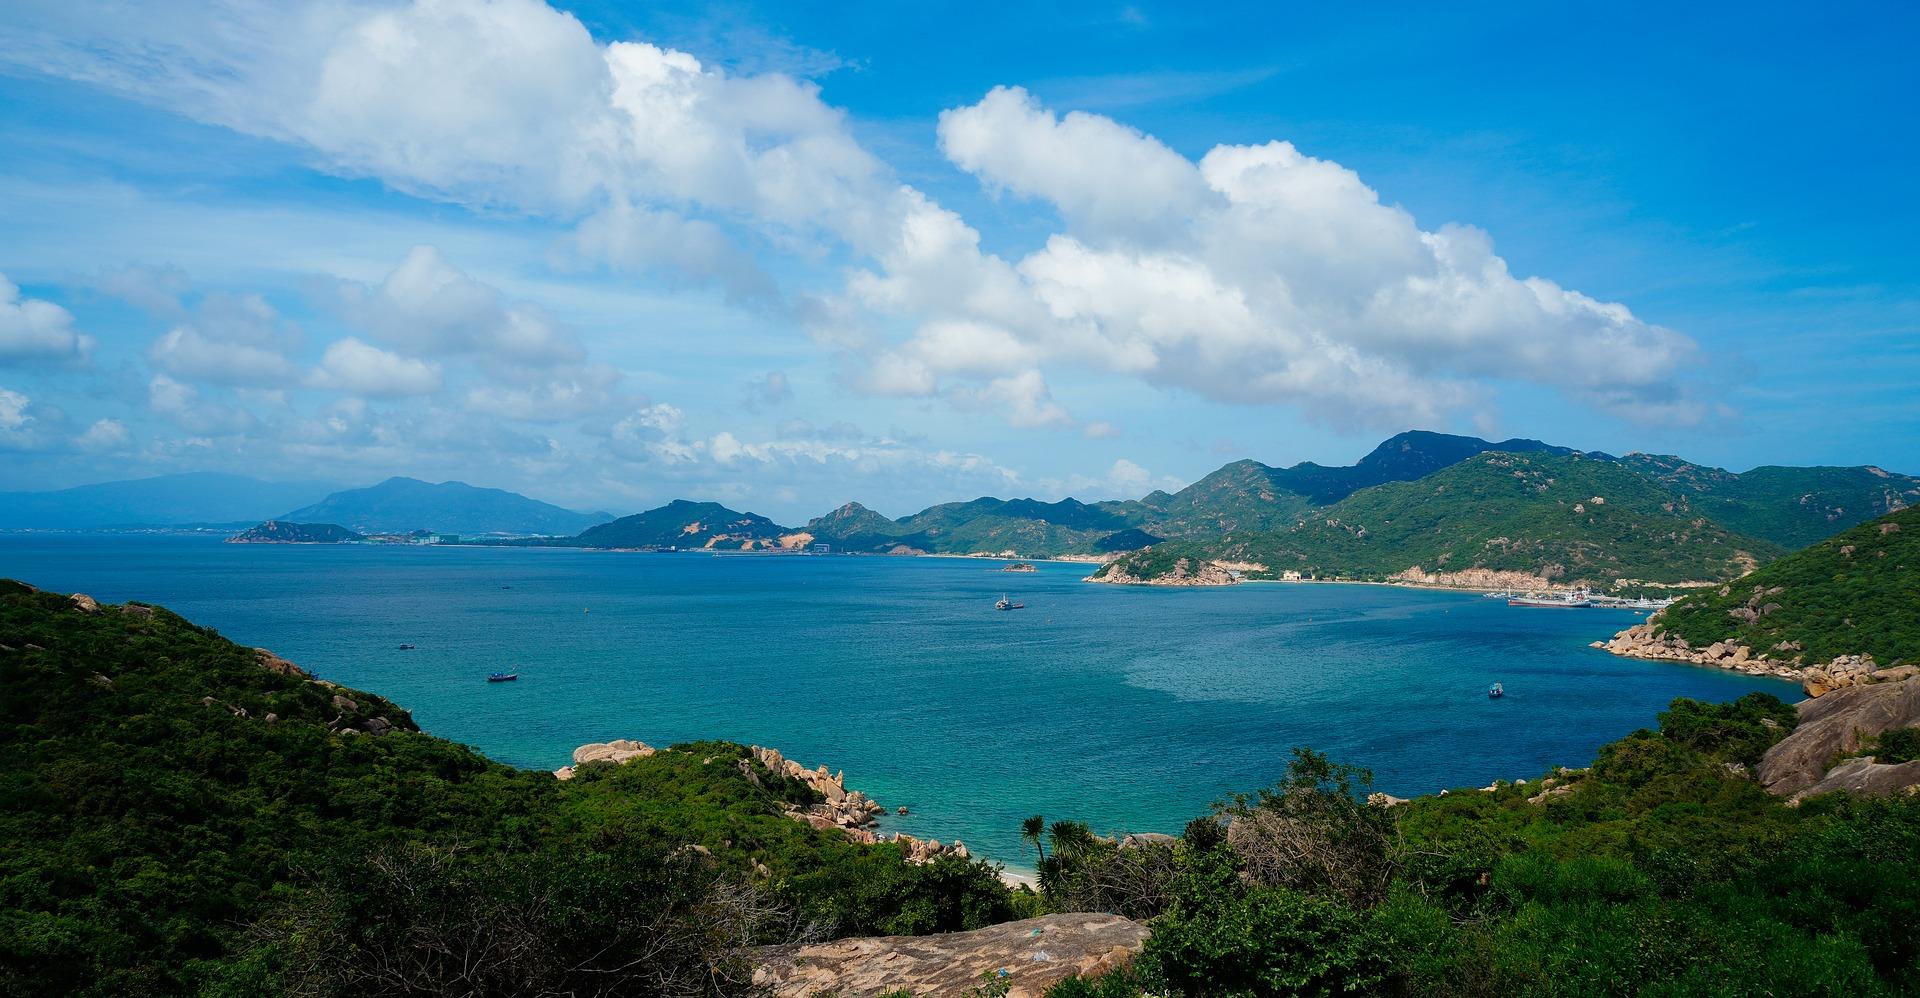 Vietnam - Cam Ranh Bay - Mekong Evasion - Agence de voyages à Lyon spécialiste de l'Asie